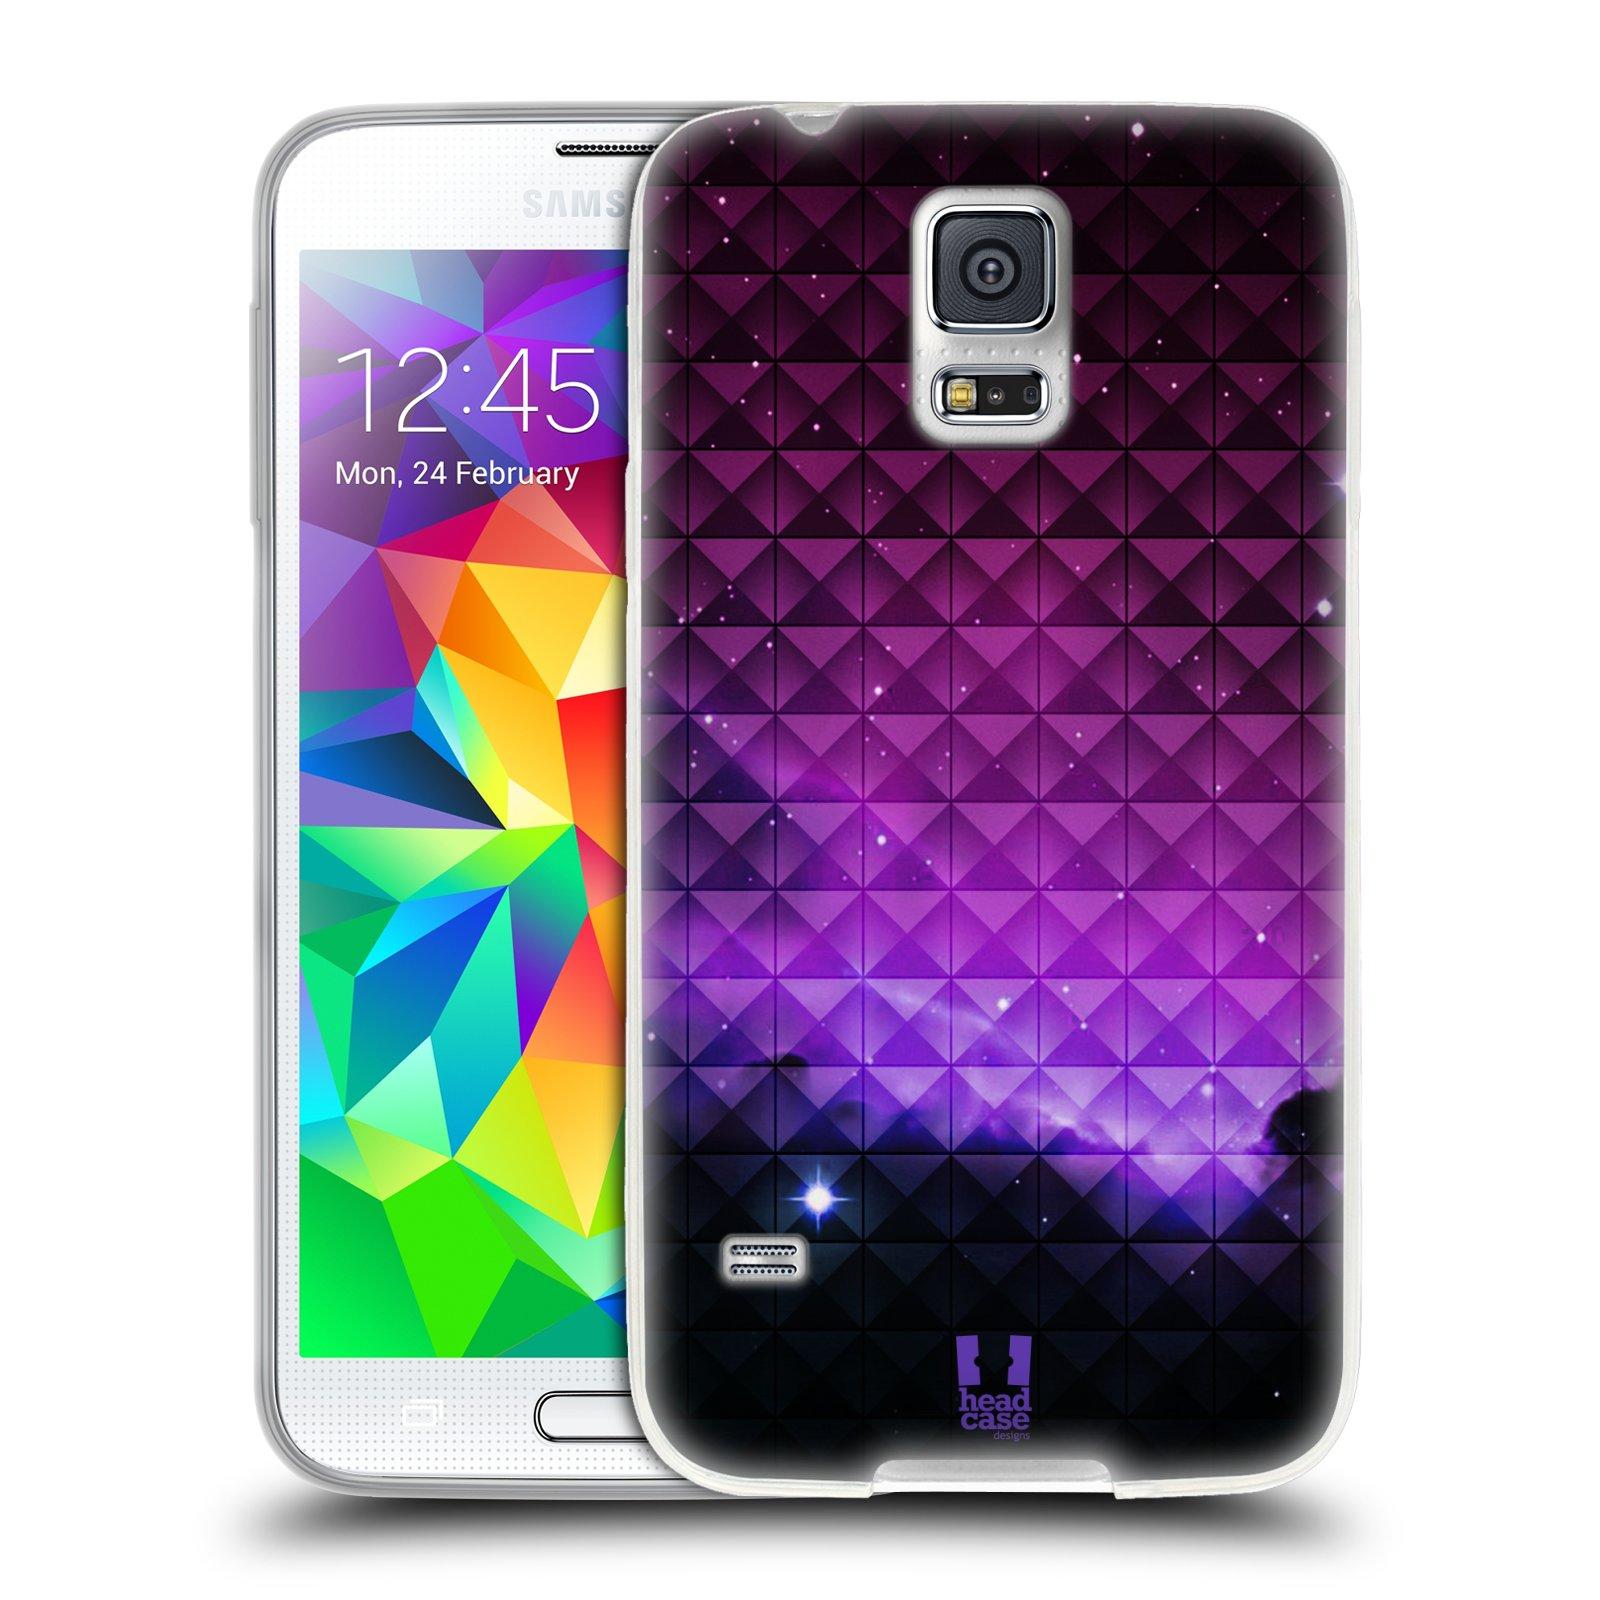 Silikonové pouzdro na mobil Samsung Galaxy S5 HEAD CASE PURPLE HAZE (Silikonový kryt či obal na mobilní telefon Samsung Galaxy S5 SM-G900F)